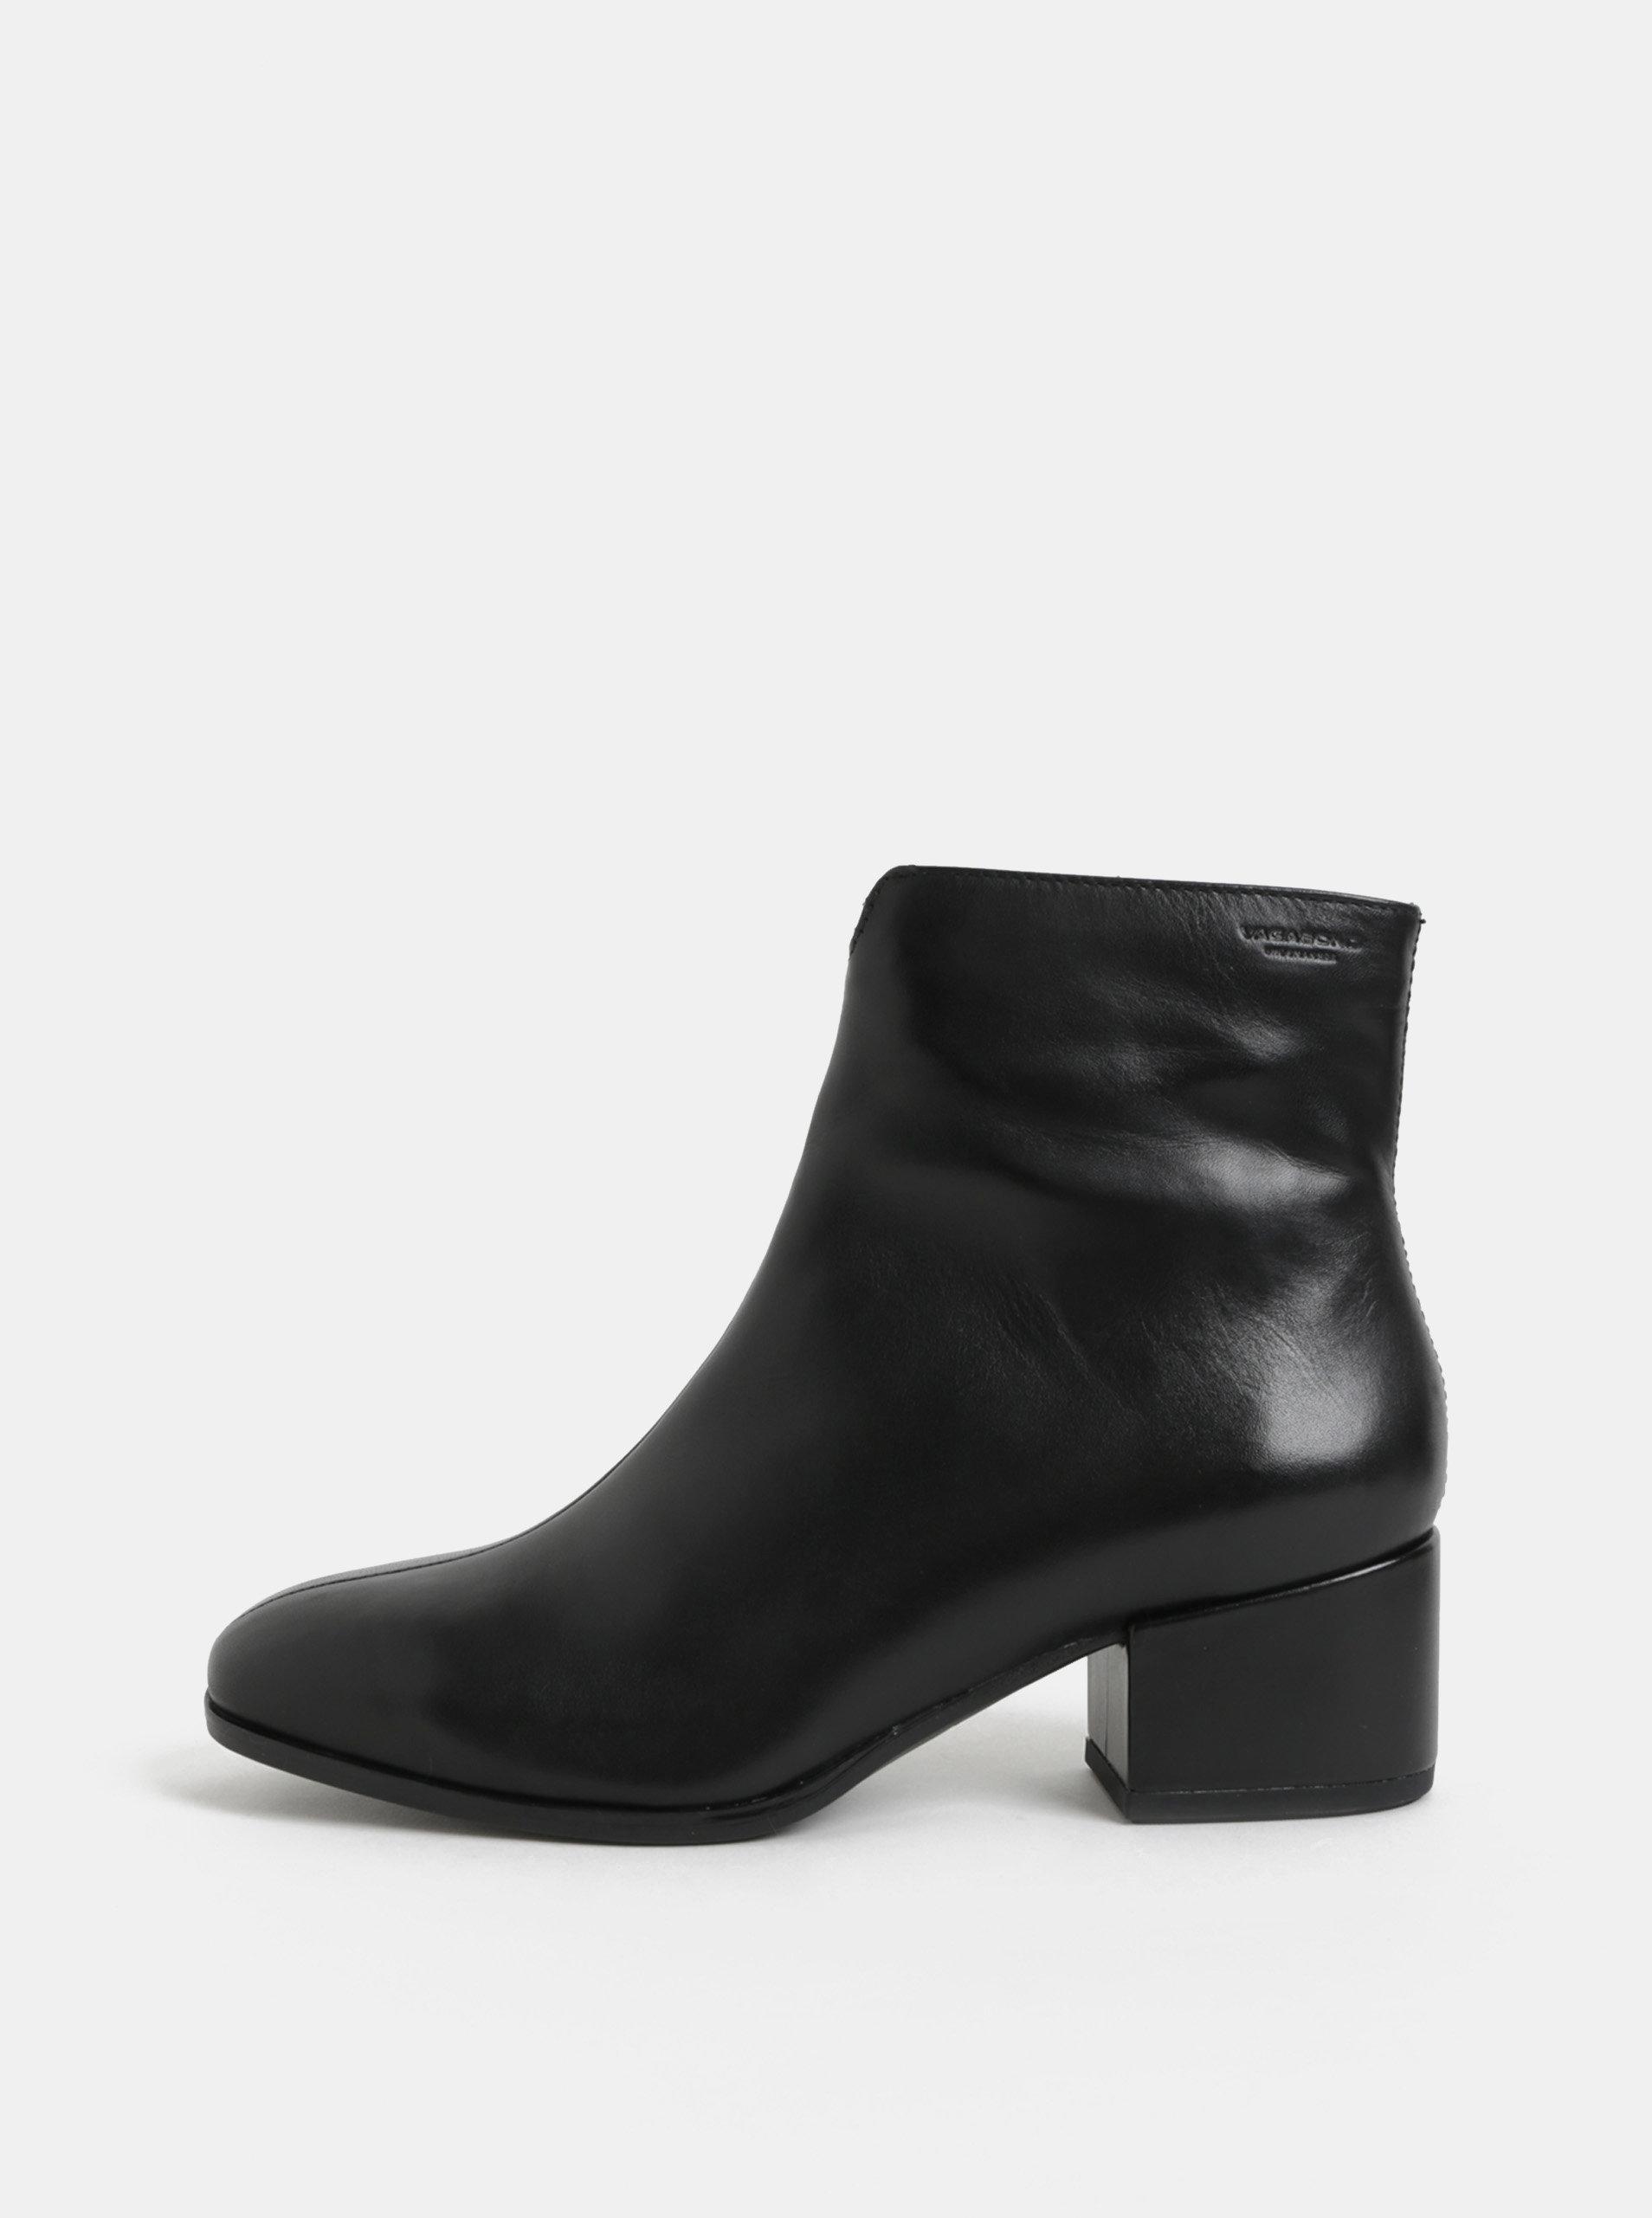 9cec6acaa534 Černé dámské kožené kotníkové boty na nízkém podpatku Vagabond Daisy ...